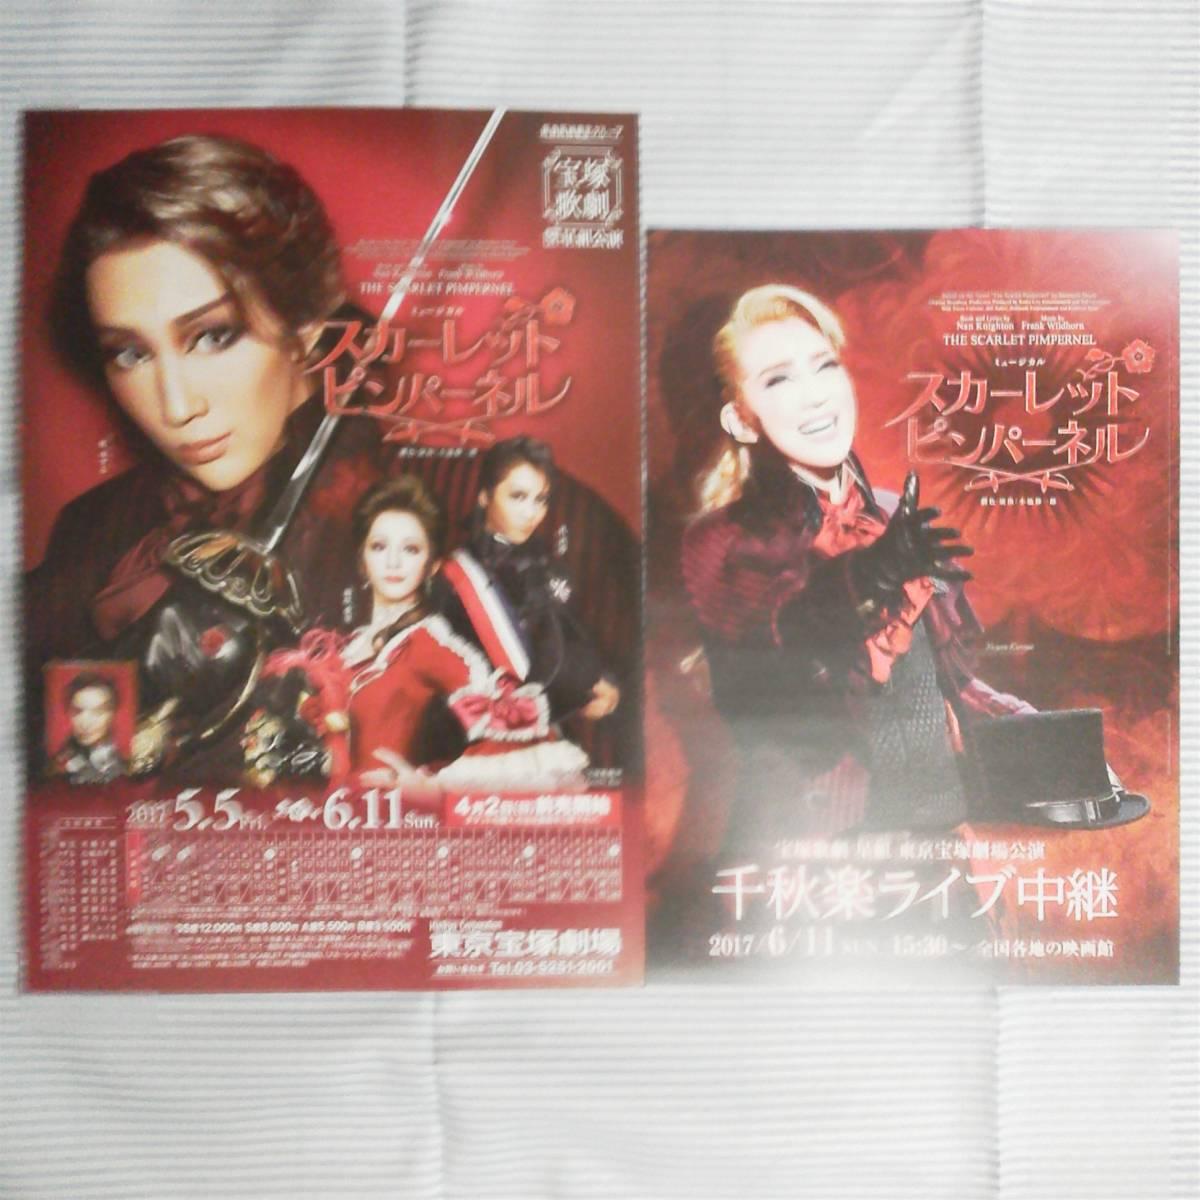 宝塚歌劇 チラシ 星組 紅ゆずる スカーレットピンパーネル 2枚